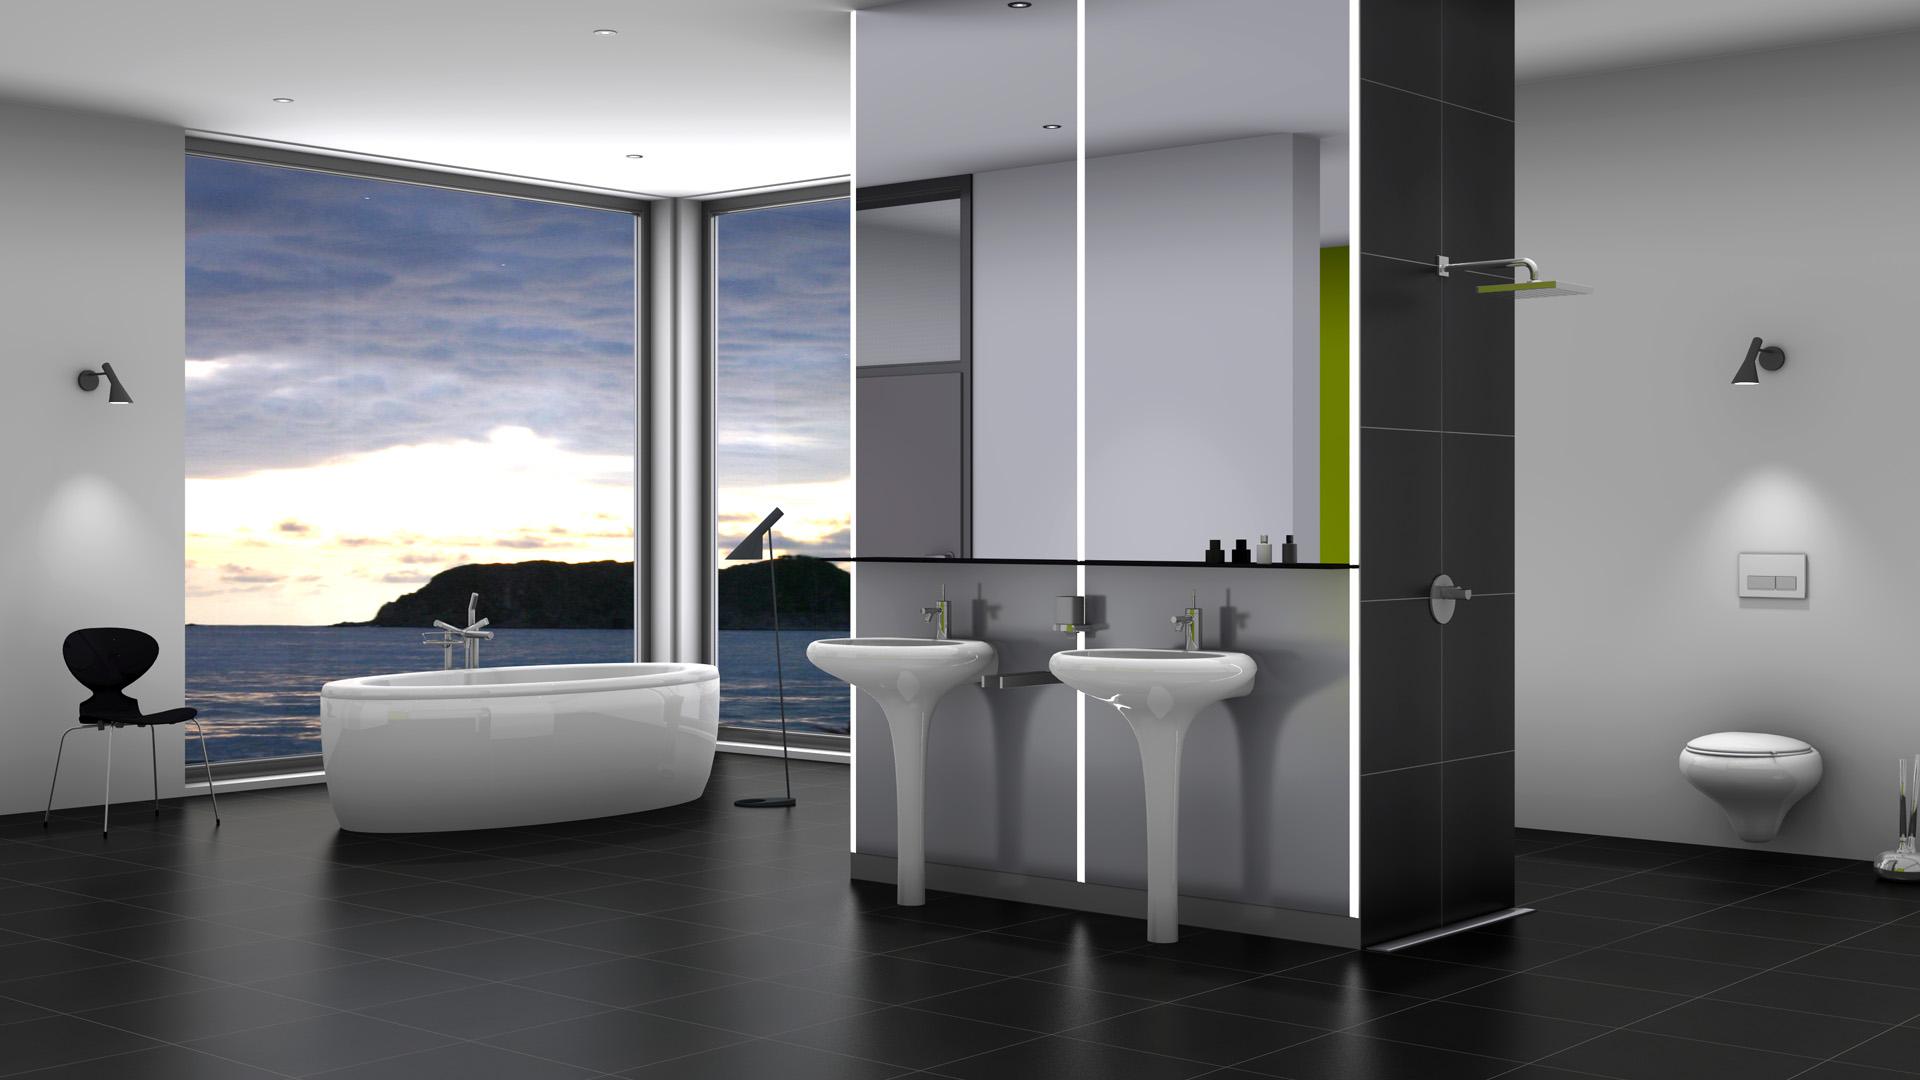 Un outil pour concevoir soi m me sa future salle de bains for Configurateur salle de bain 3d